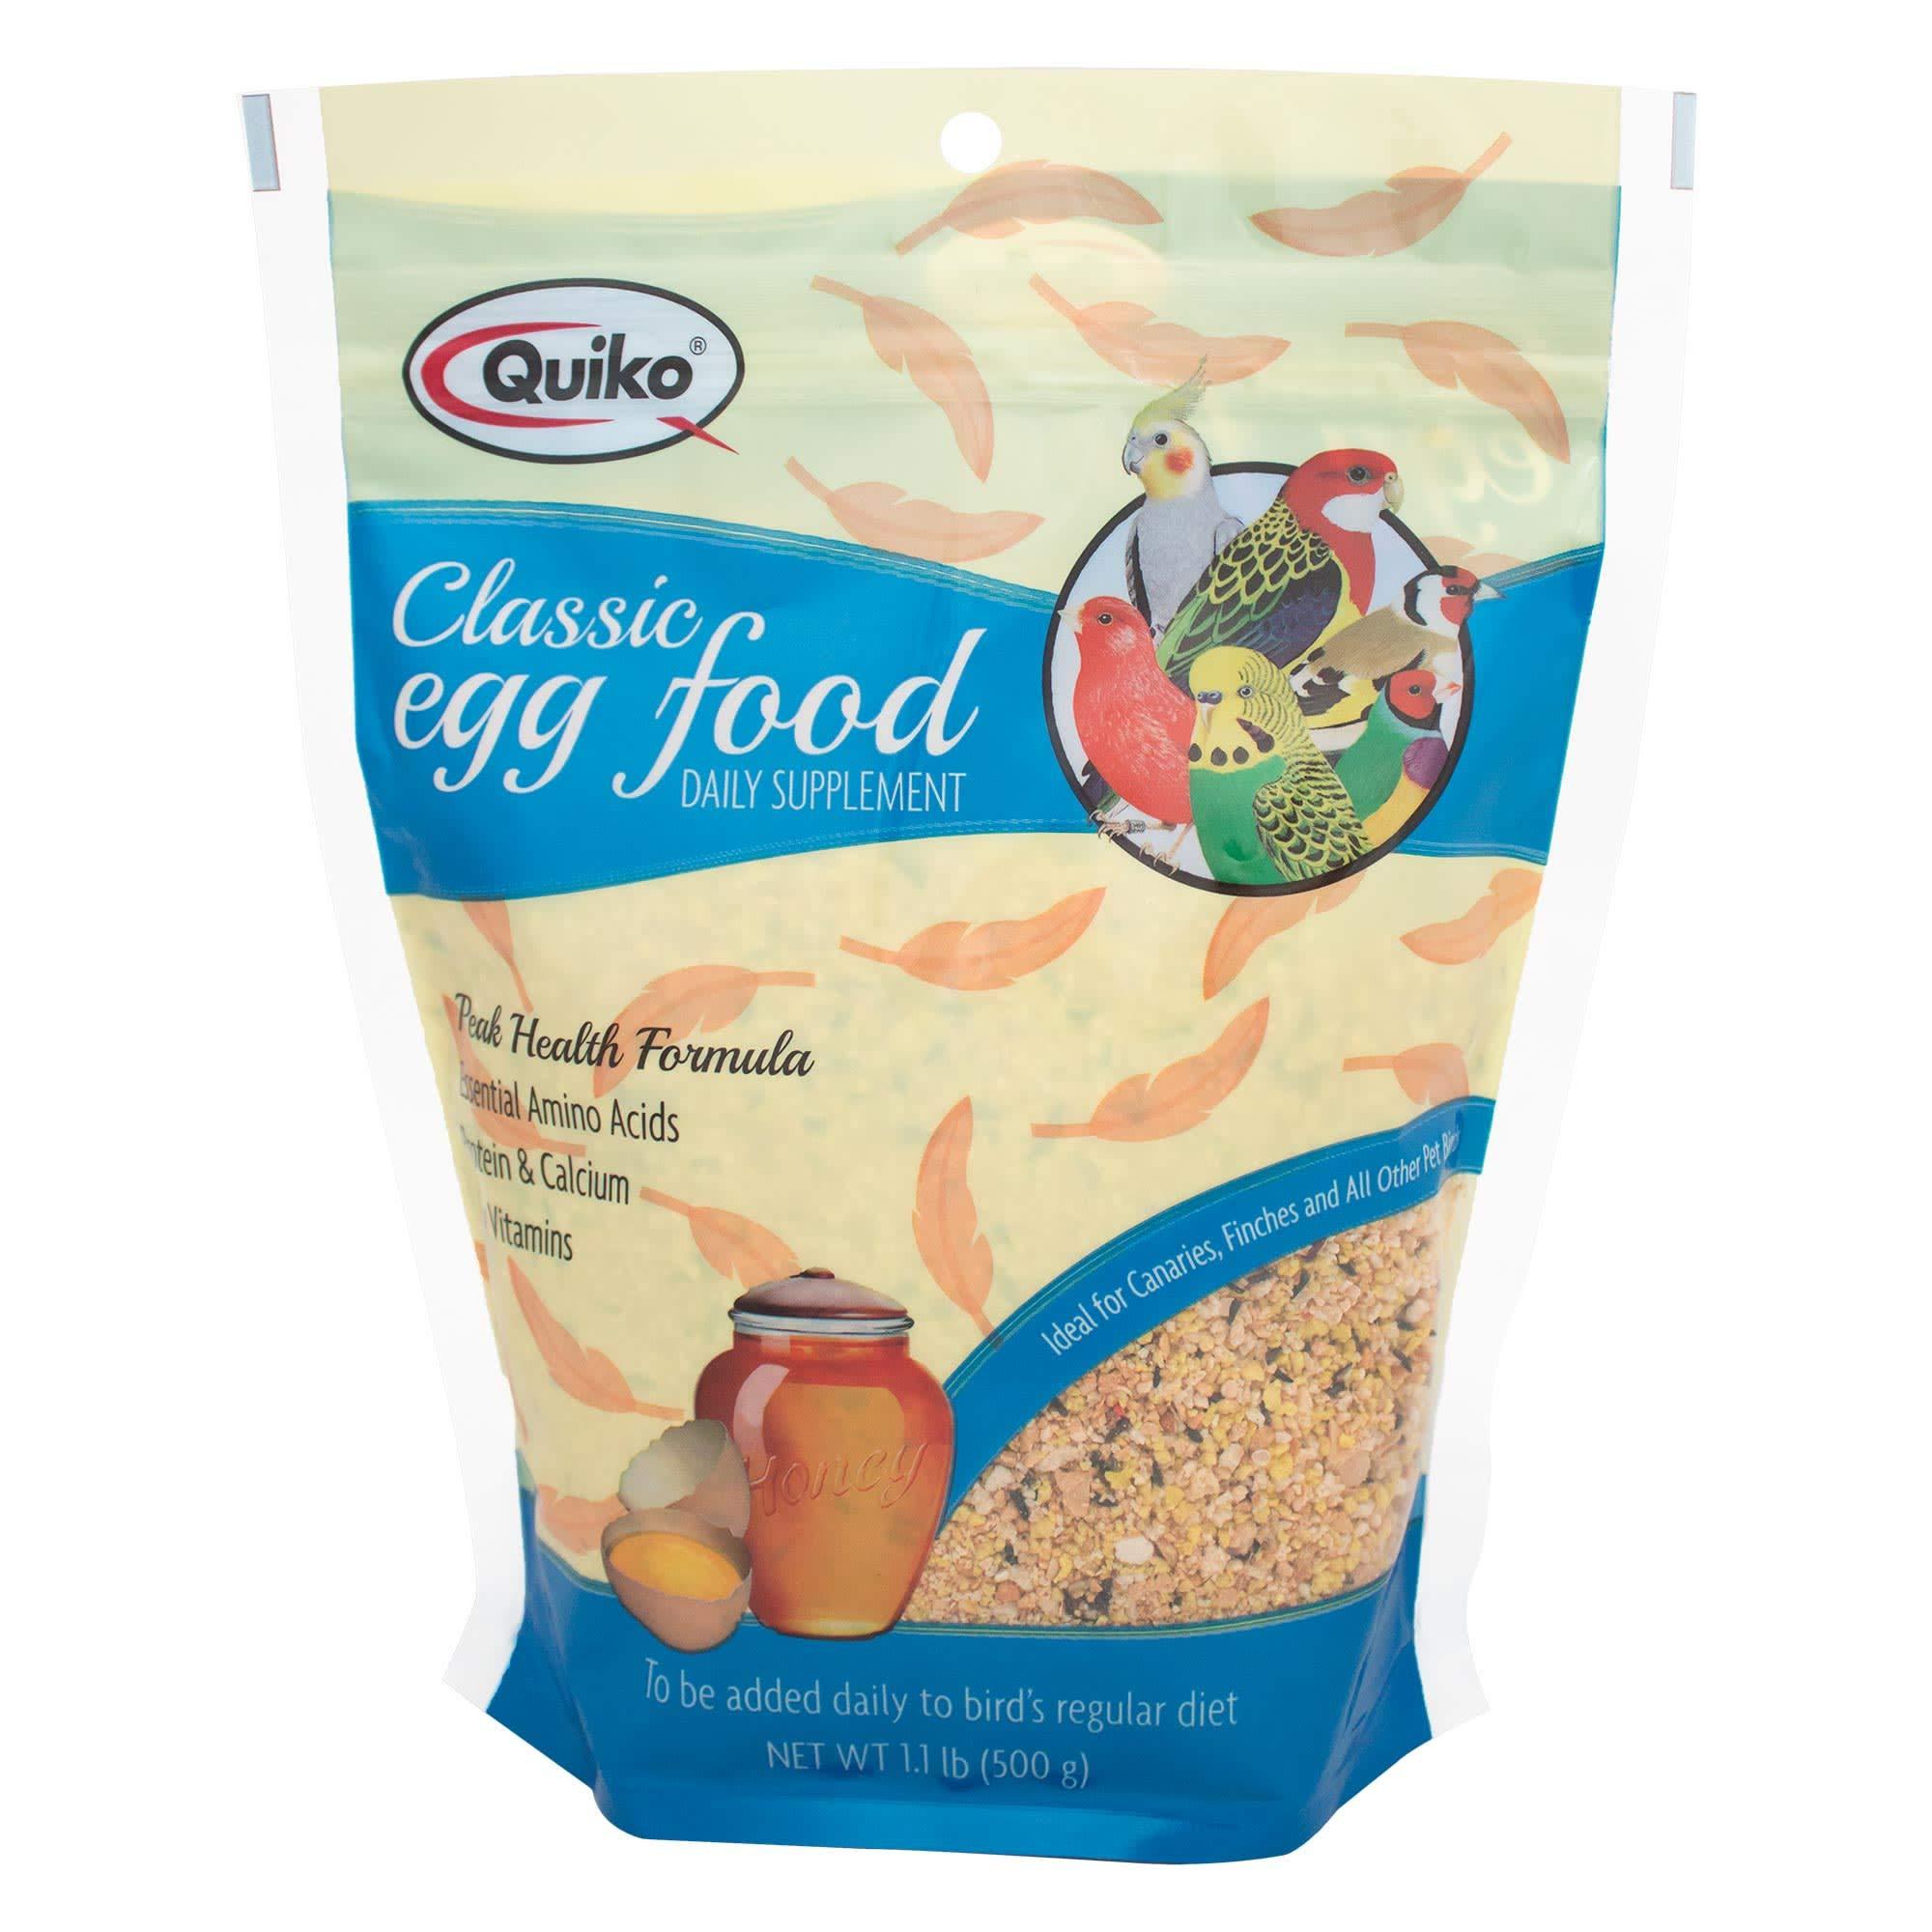 Quiko Classic Egg Food Bird Supplement